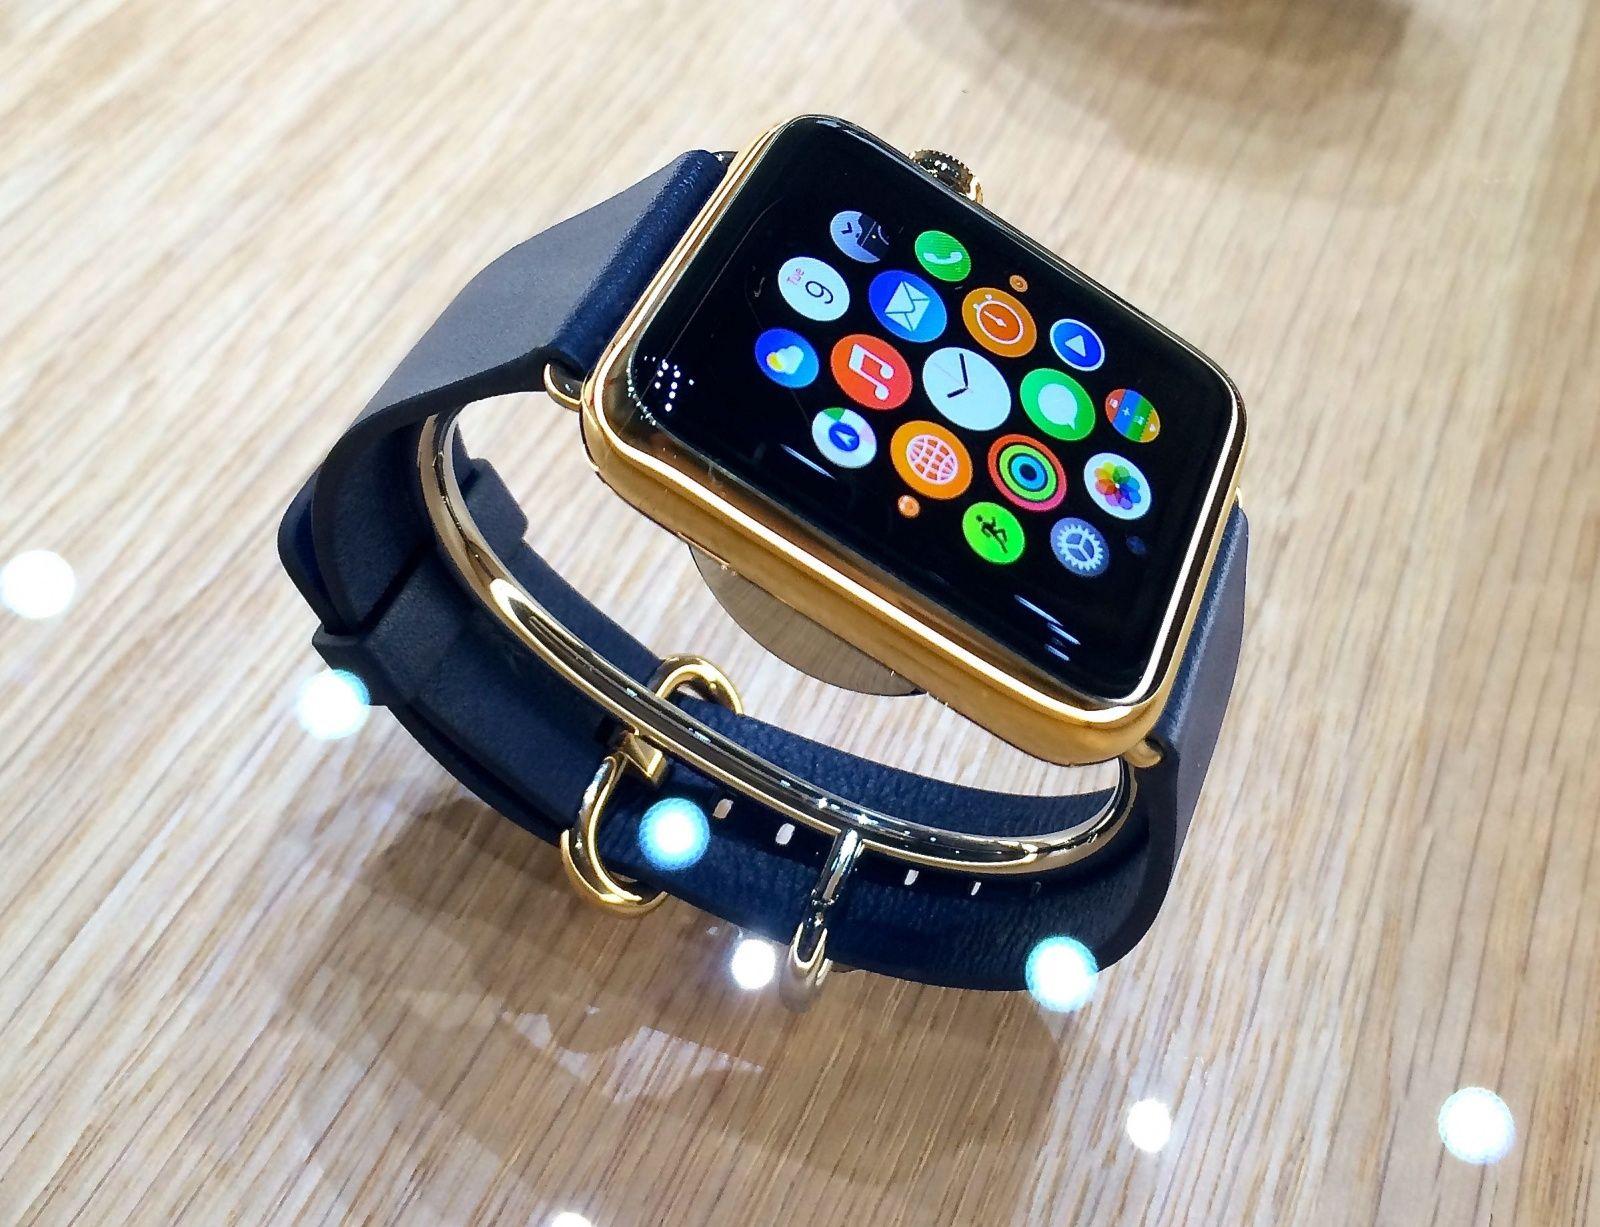 Servizio di prima classe per chi acquisterà Apple Watch in oro